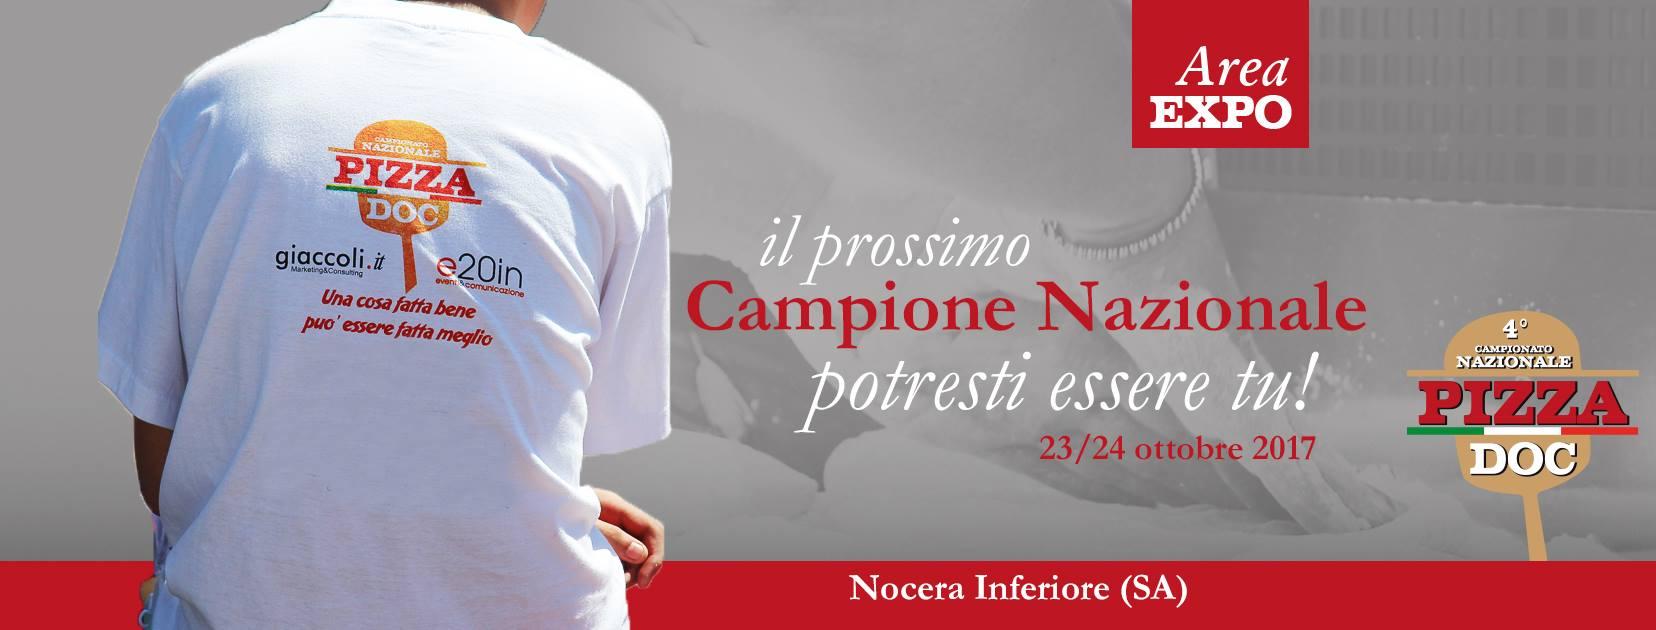 Conferenza stampa di presentazione Campionato Nazionale Pizza D.O.C